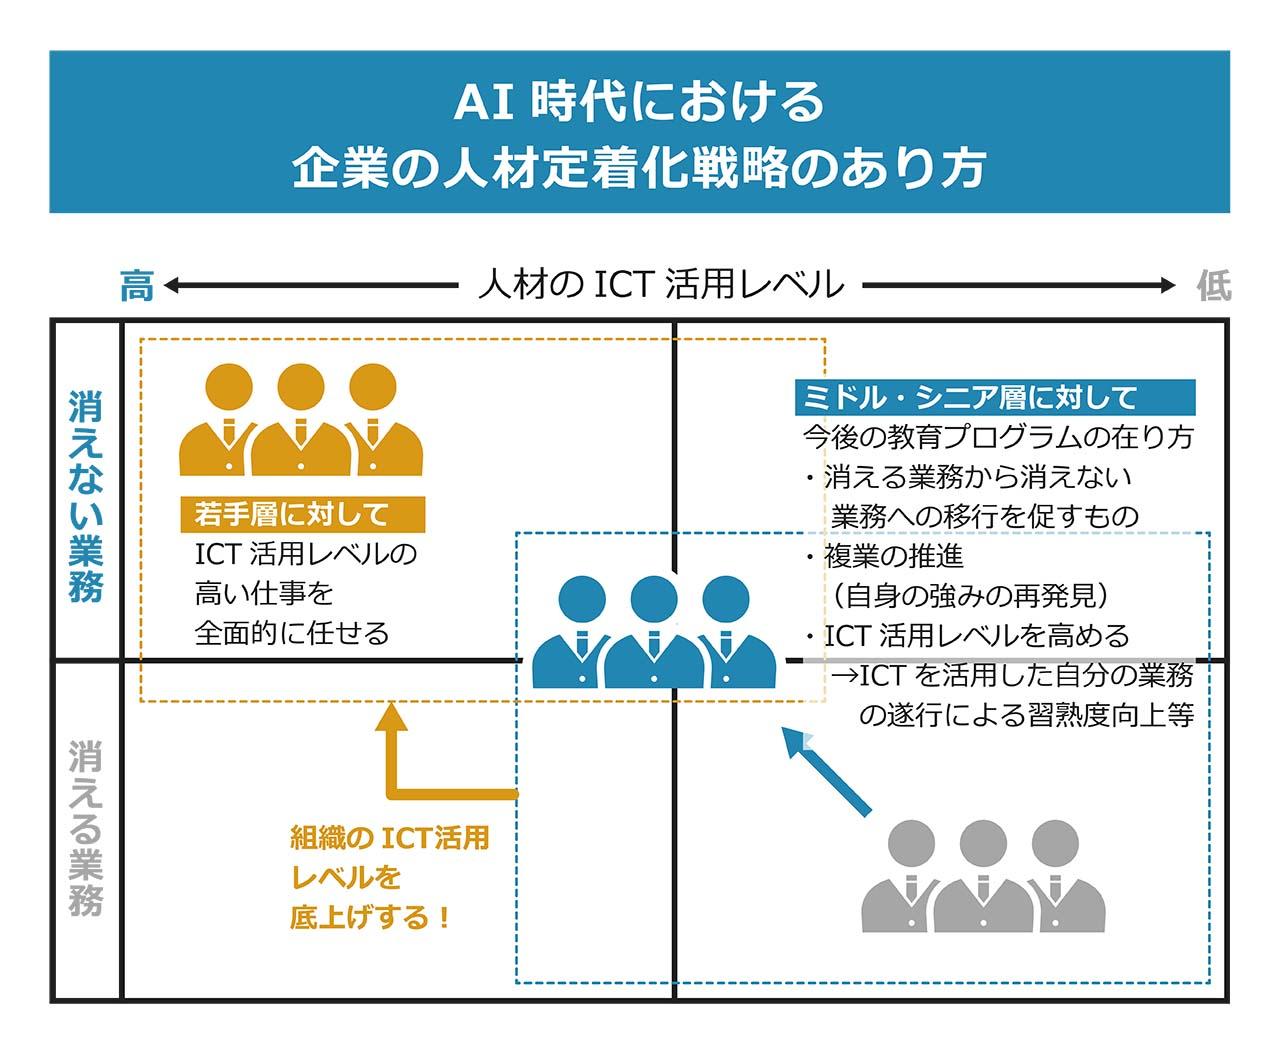 図4:AI時代における企業の人材定着化戦略のあり方